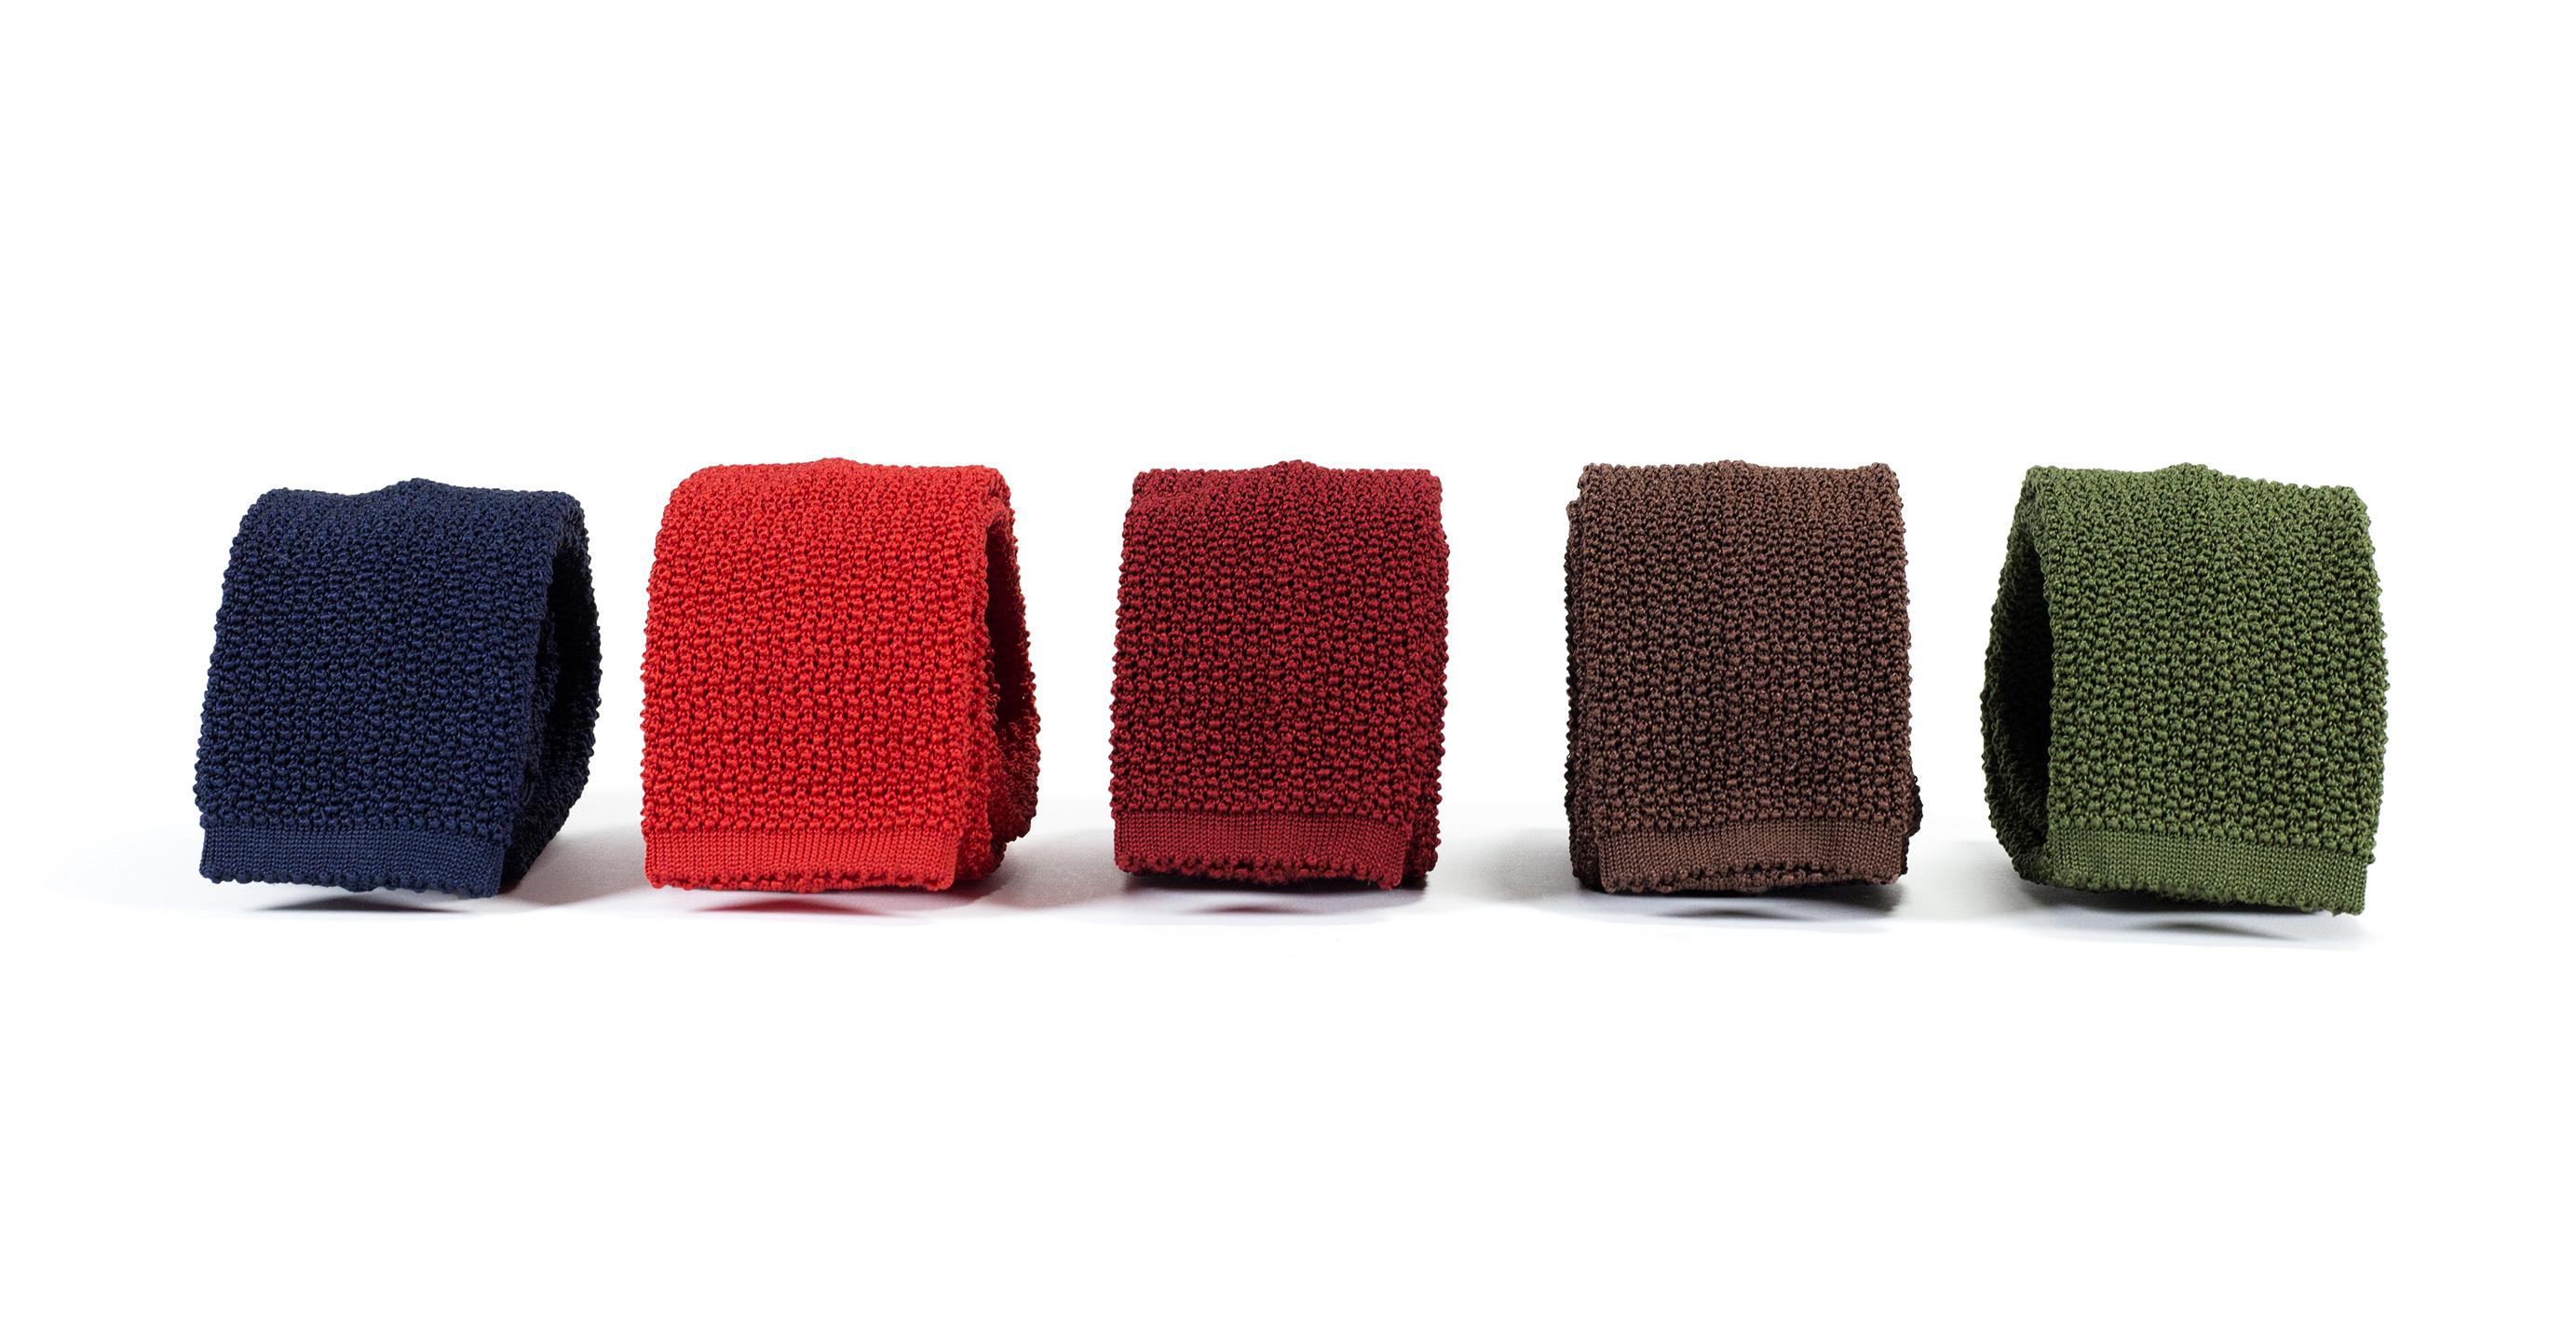 jay butler silk knit ties